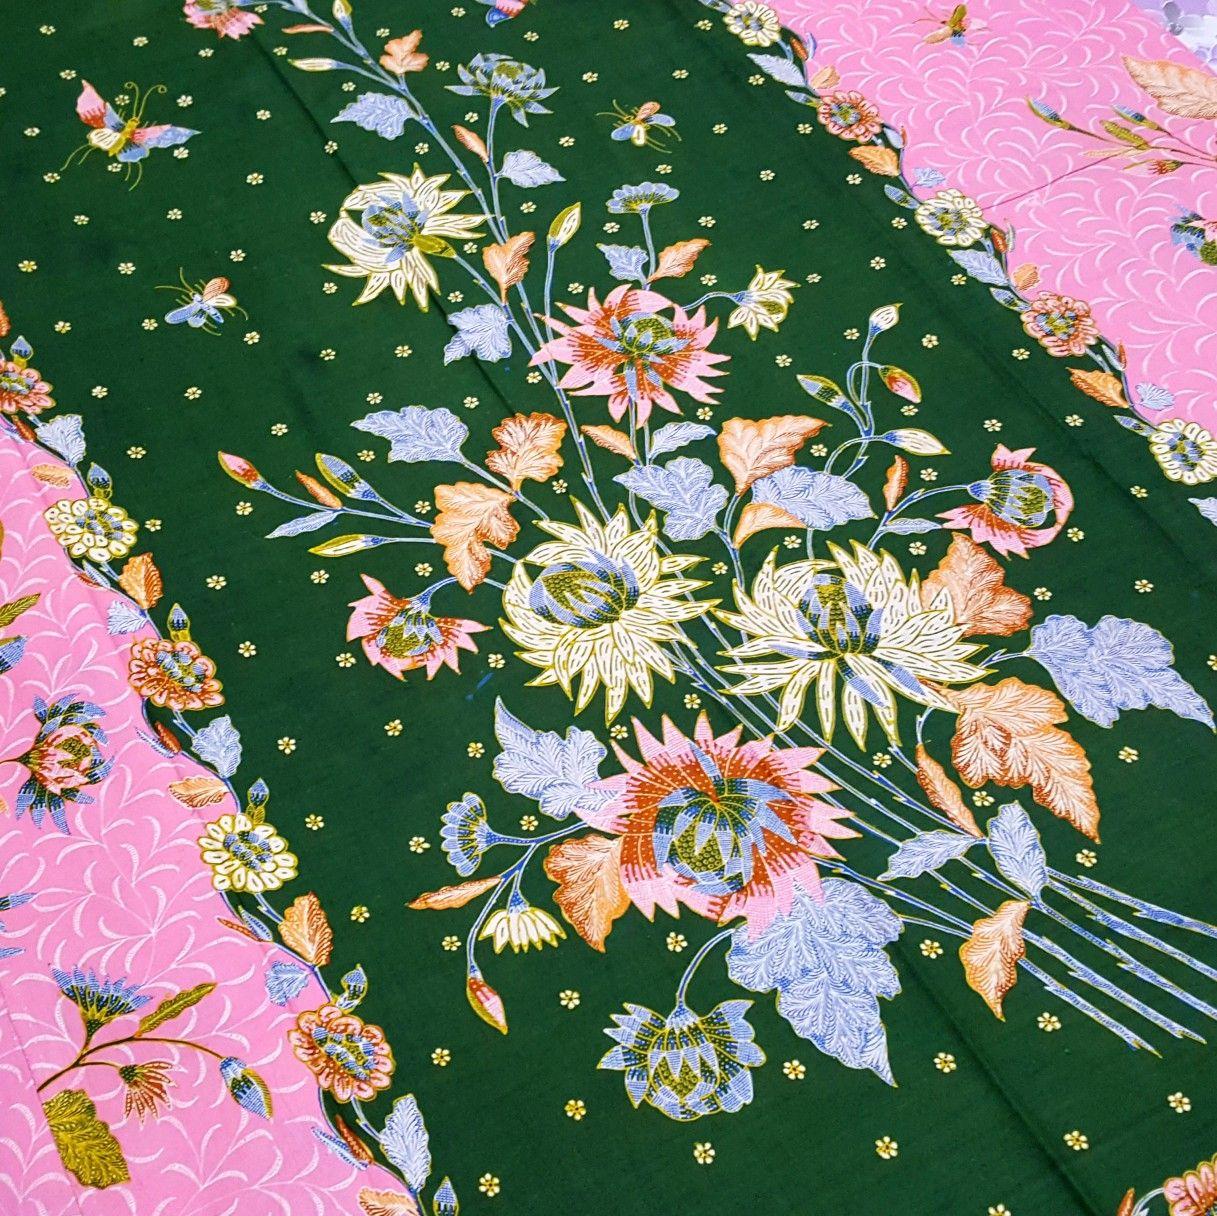 Dutch Influenced Batik Kain, Lukisan, Seni